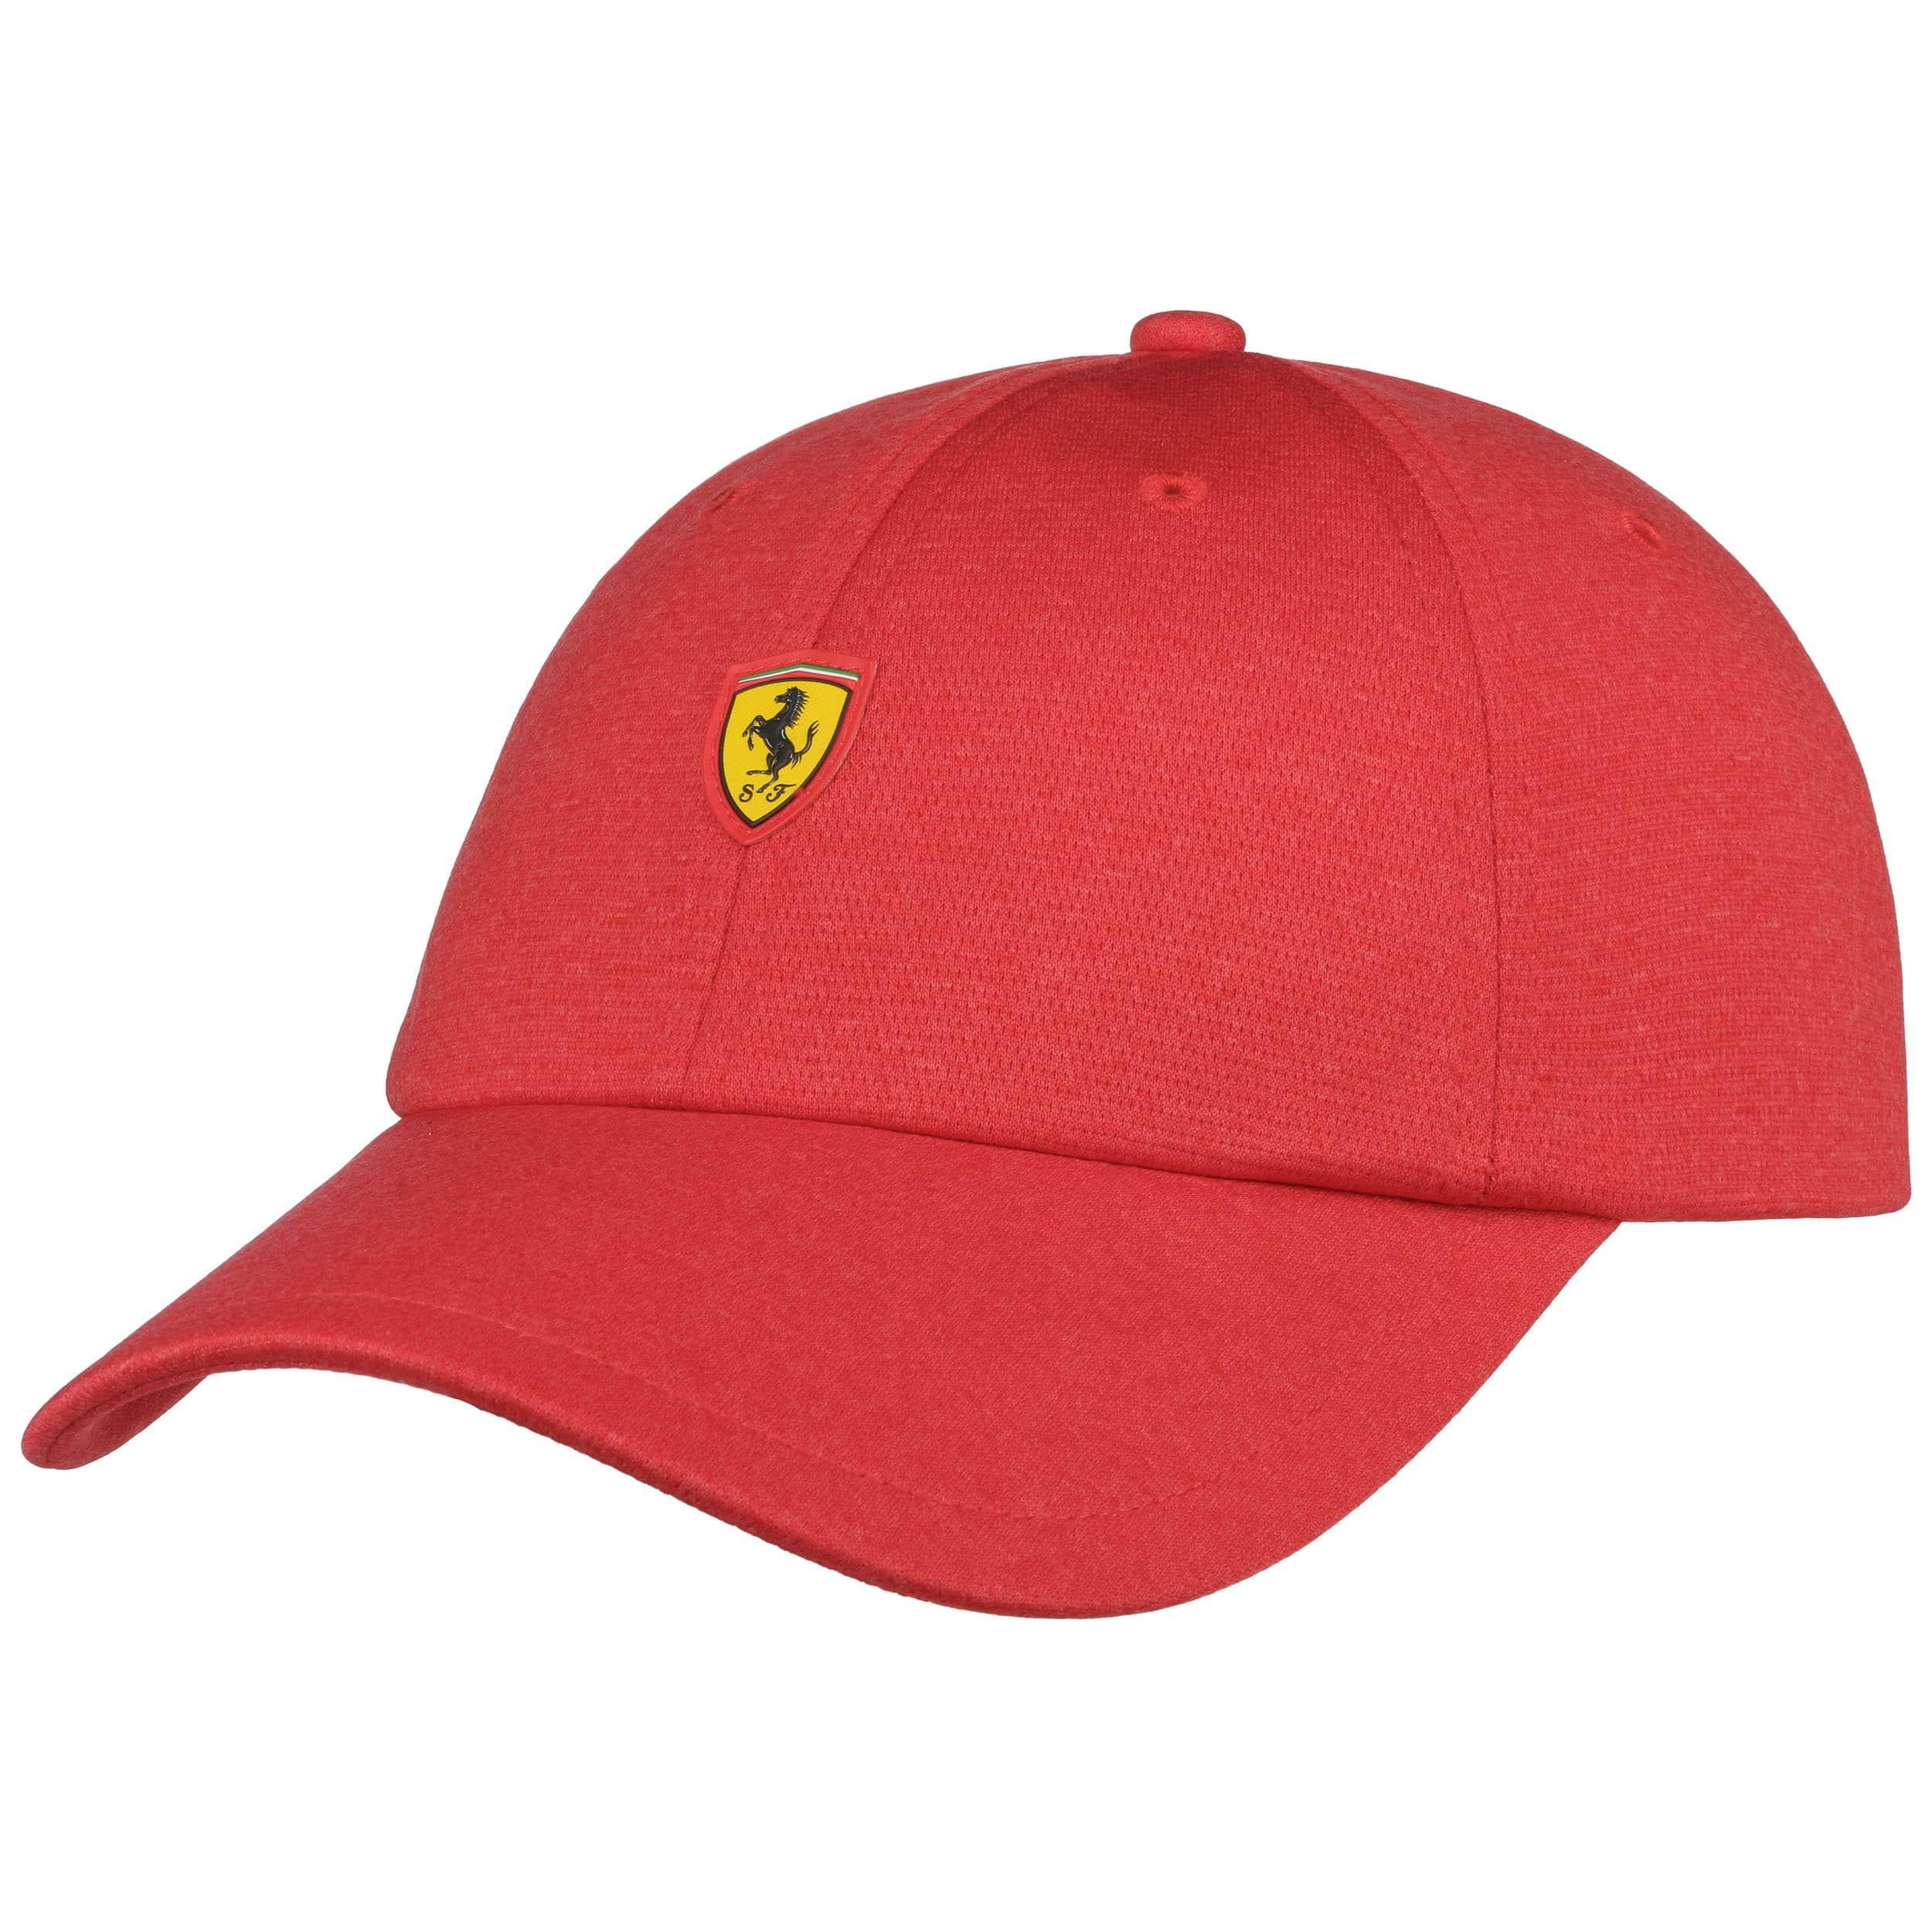 Scuderia Ferrari Fanwear Cap By Puma 33 95